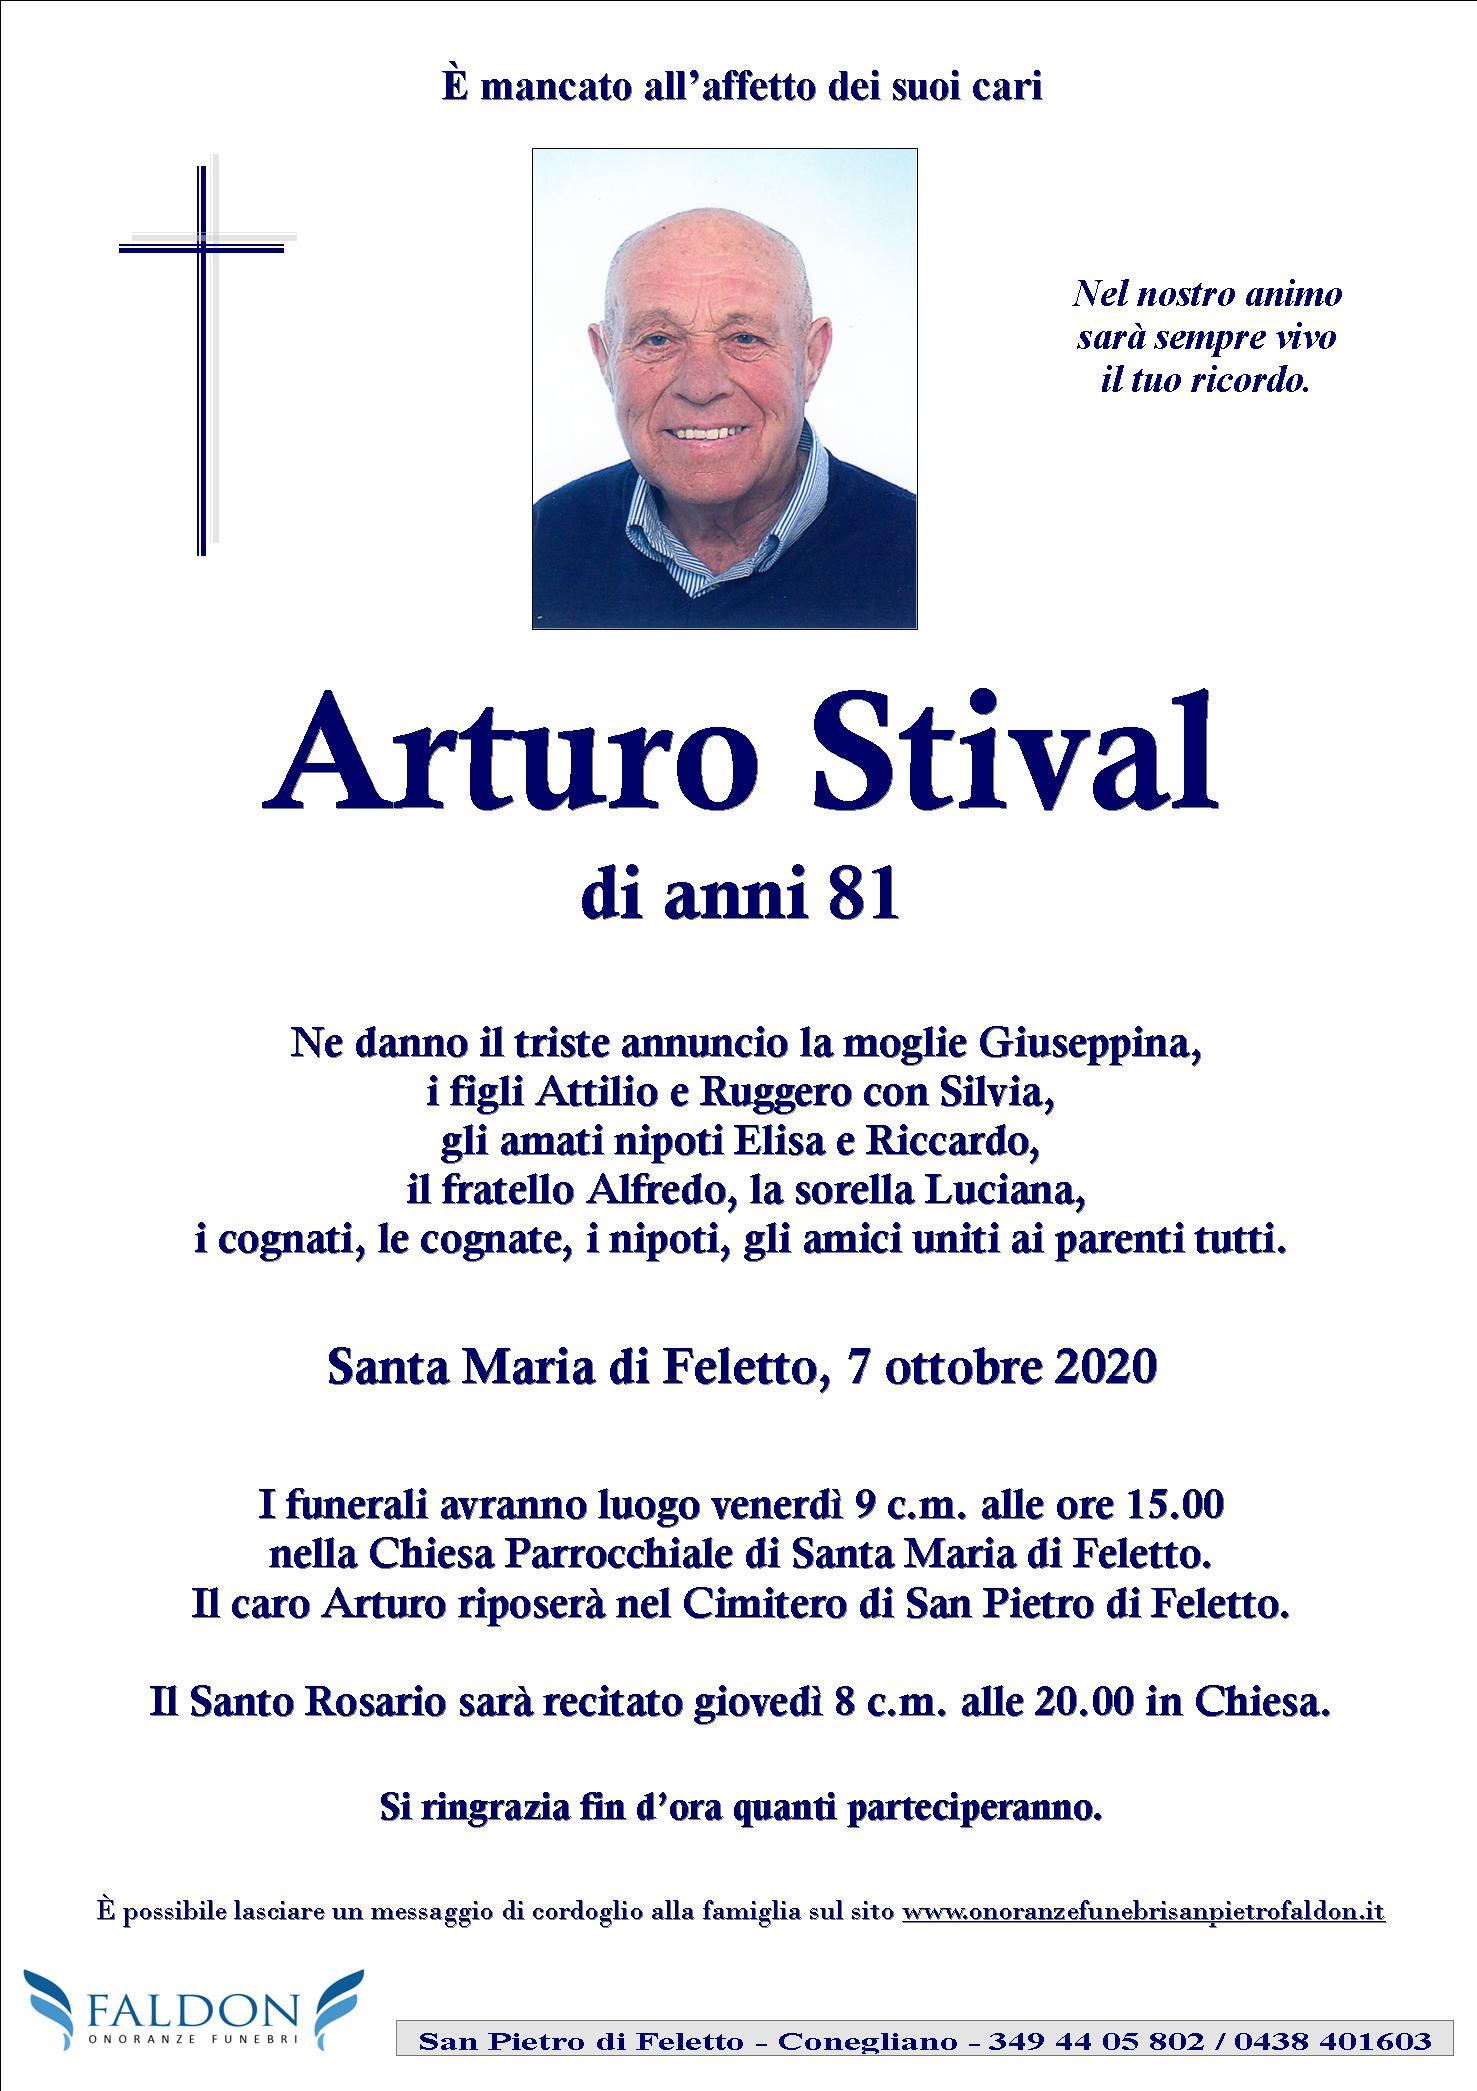 Arturo Stival